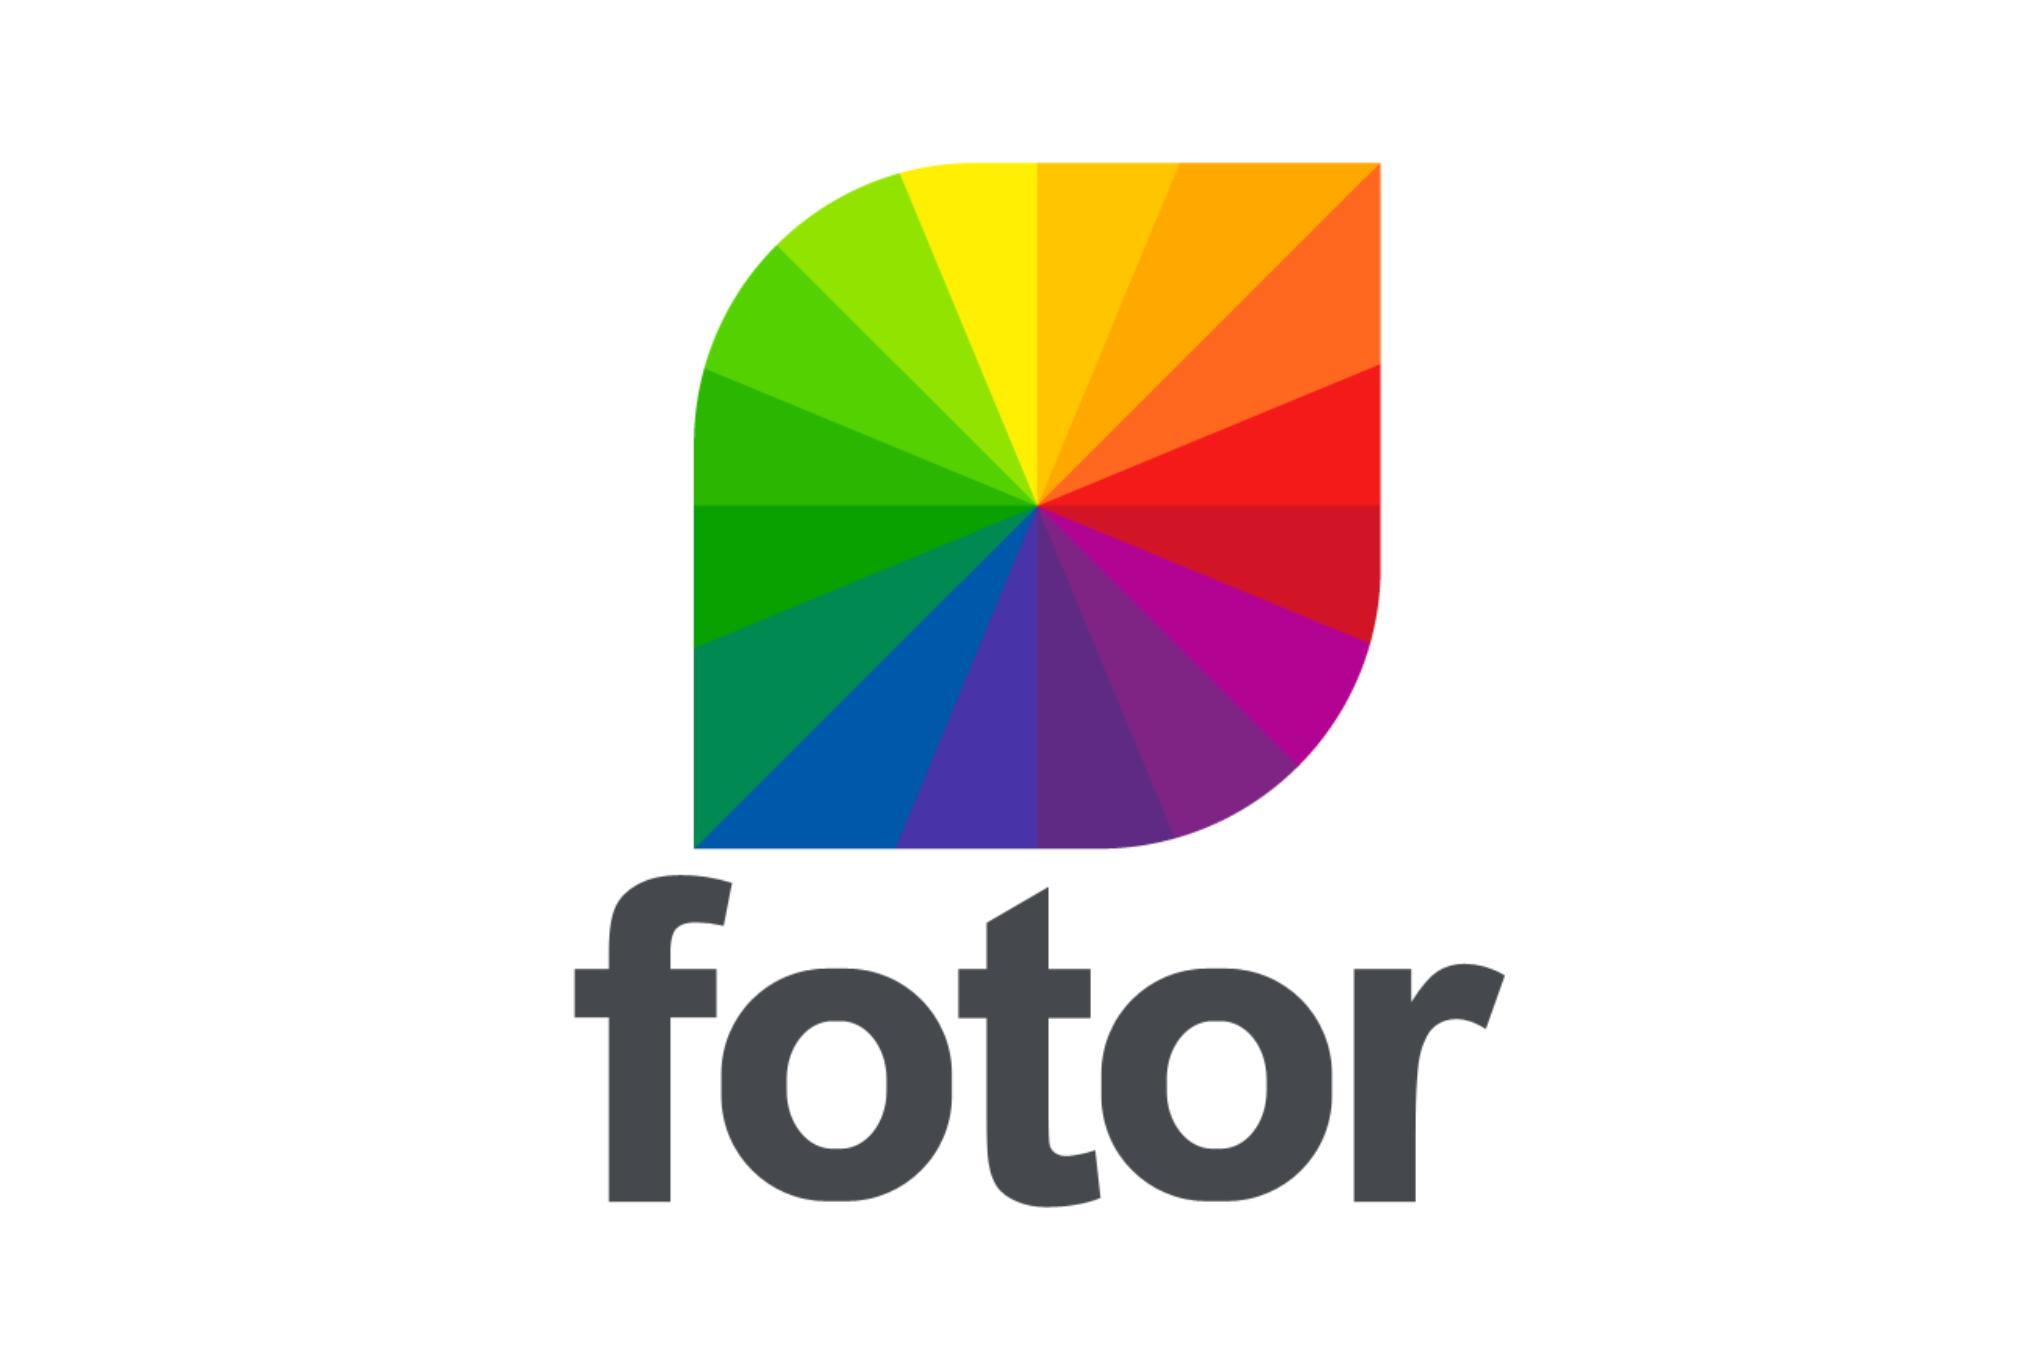 Aplikasi Edit Foto Terbaik - fotor